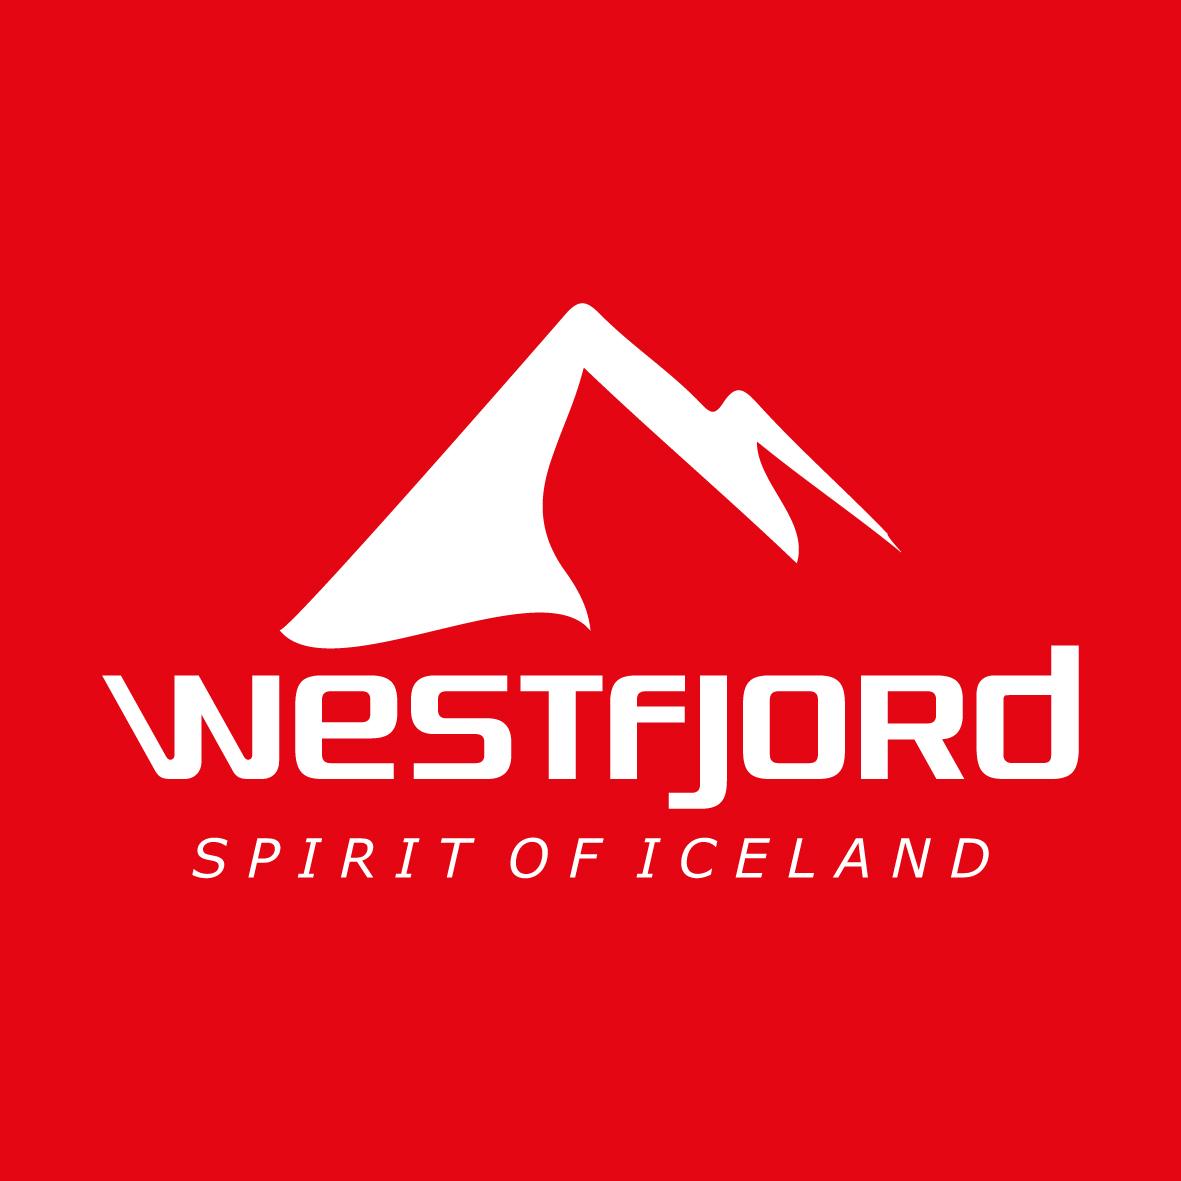 westfjord logo.jpg